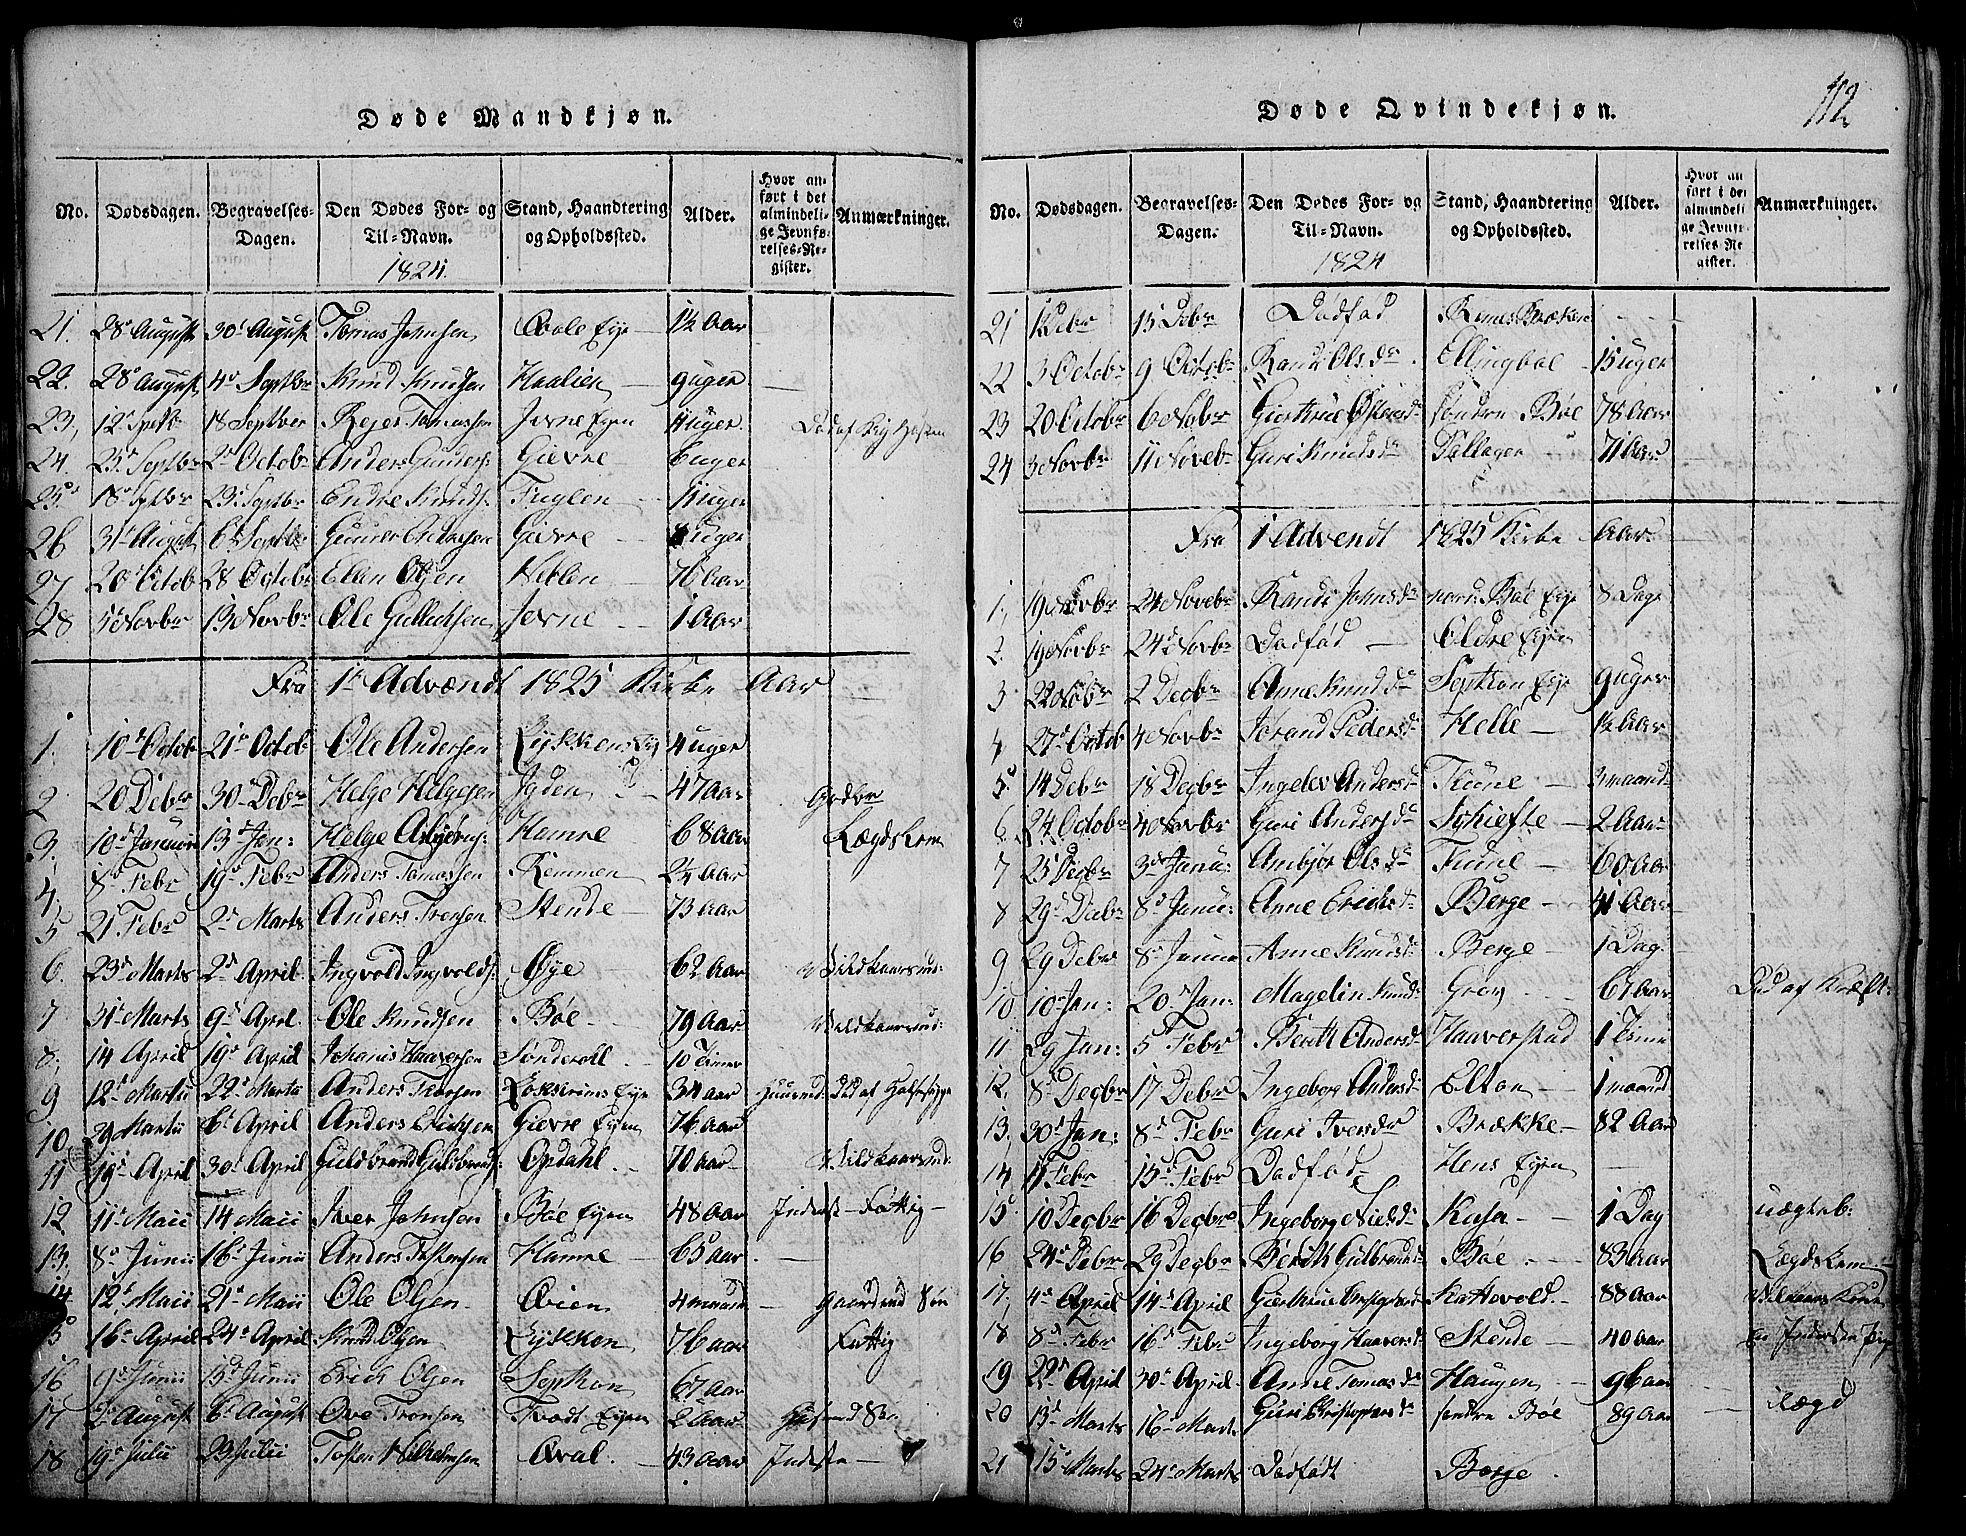 SAH, Vang prestekontor, Valdres, Klokkerbok nr. 2, 1814-1889, s. 112